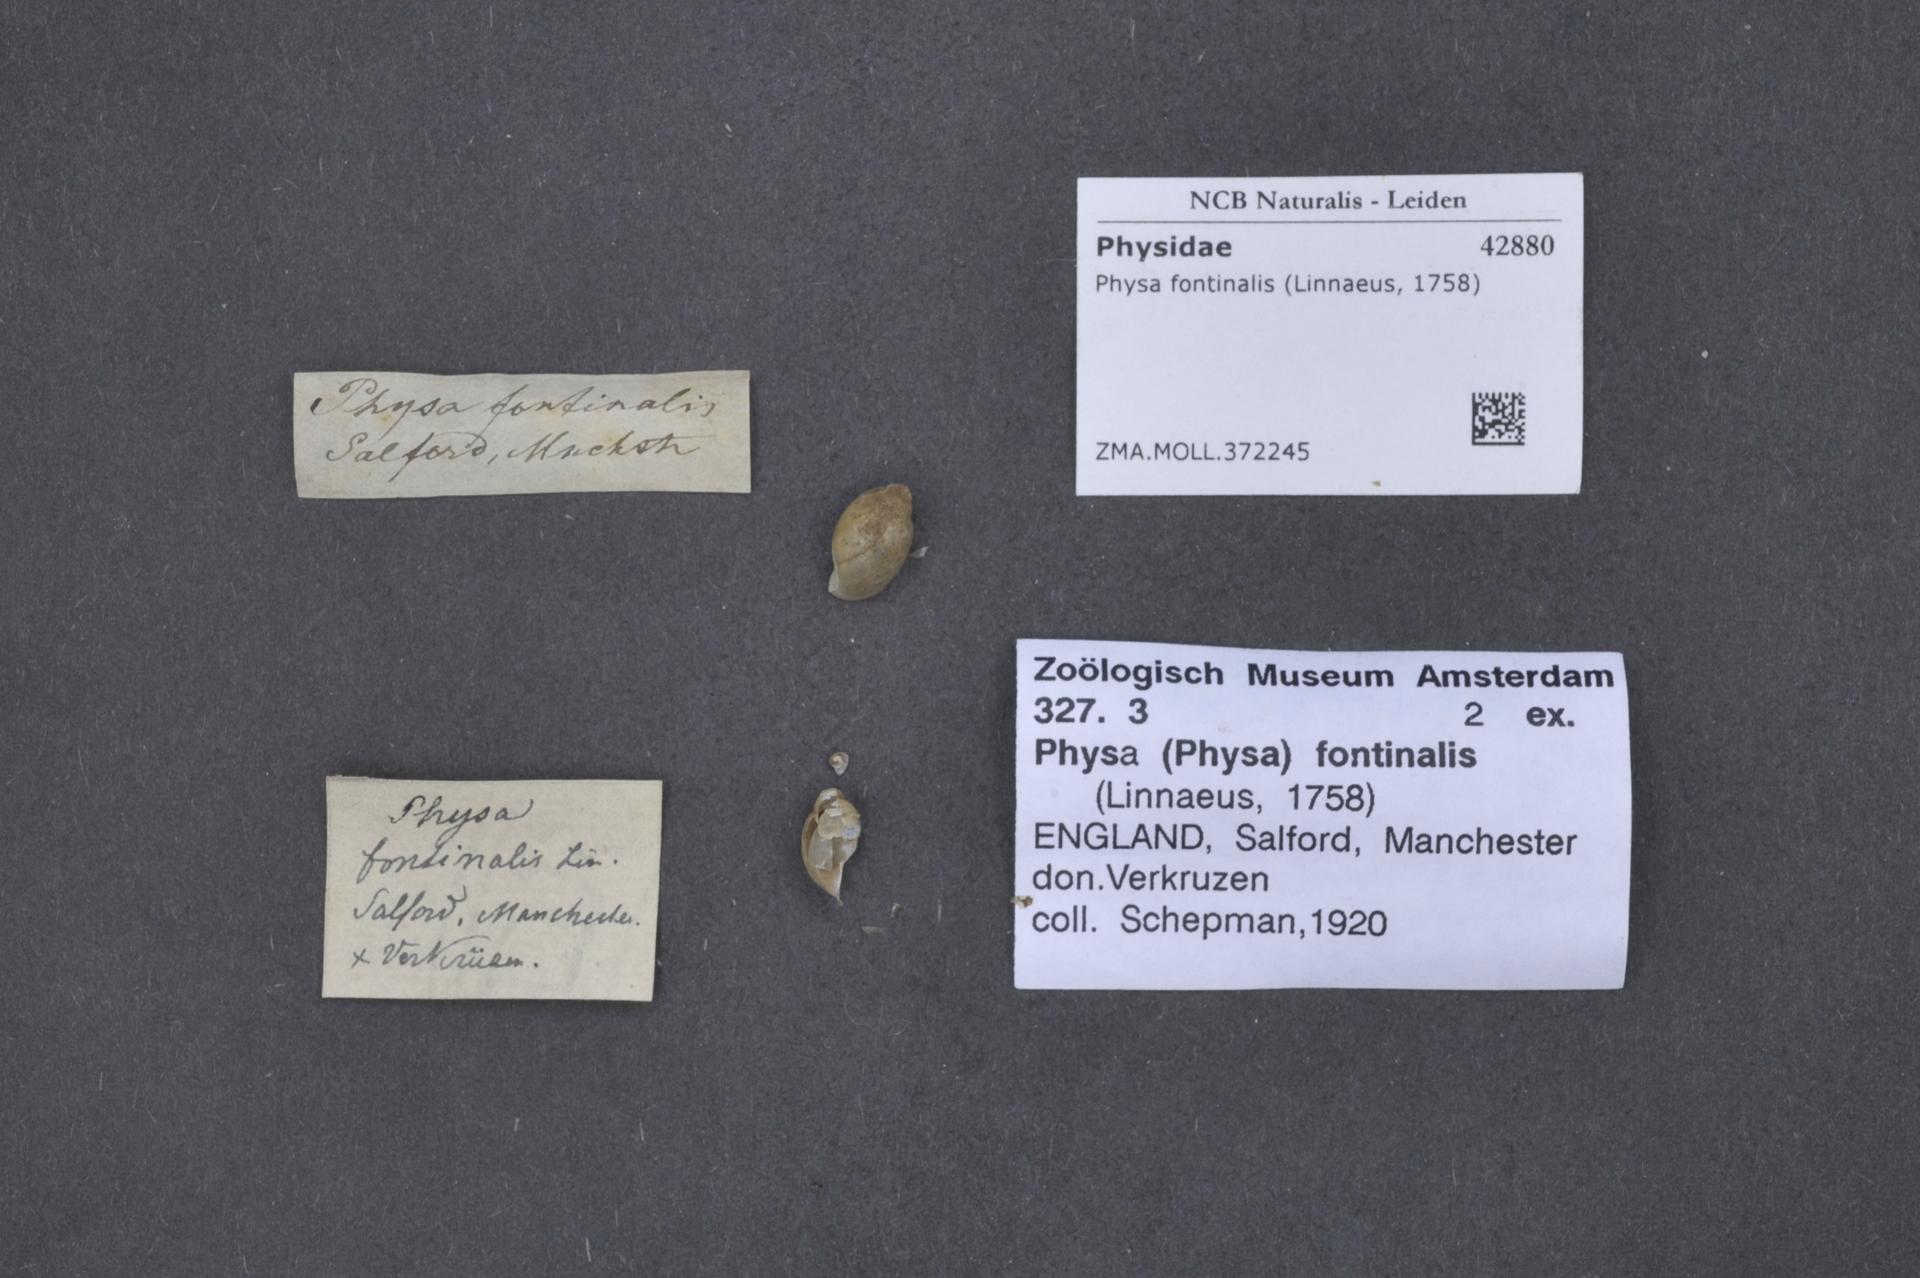 ZMA.MOLL.372245 | Physa fontinalis Linnaeus, 1758